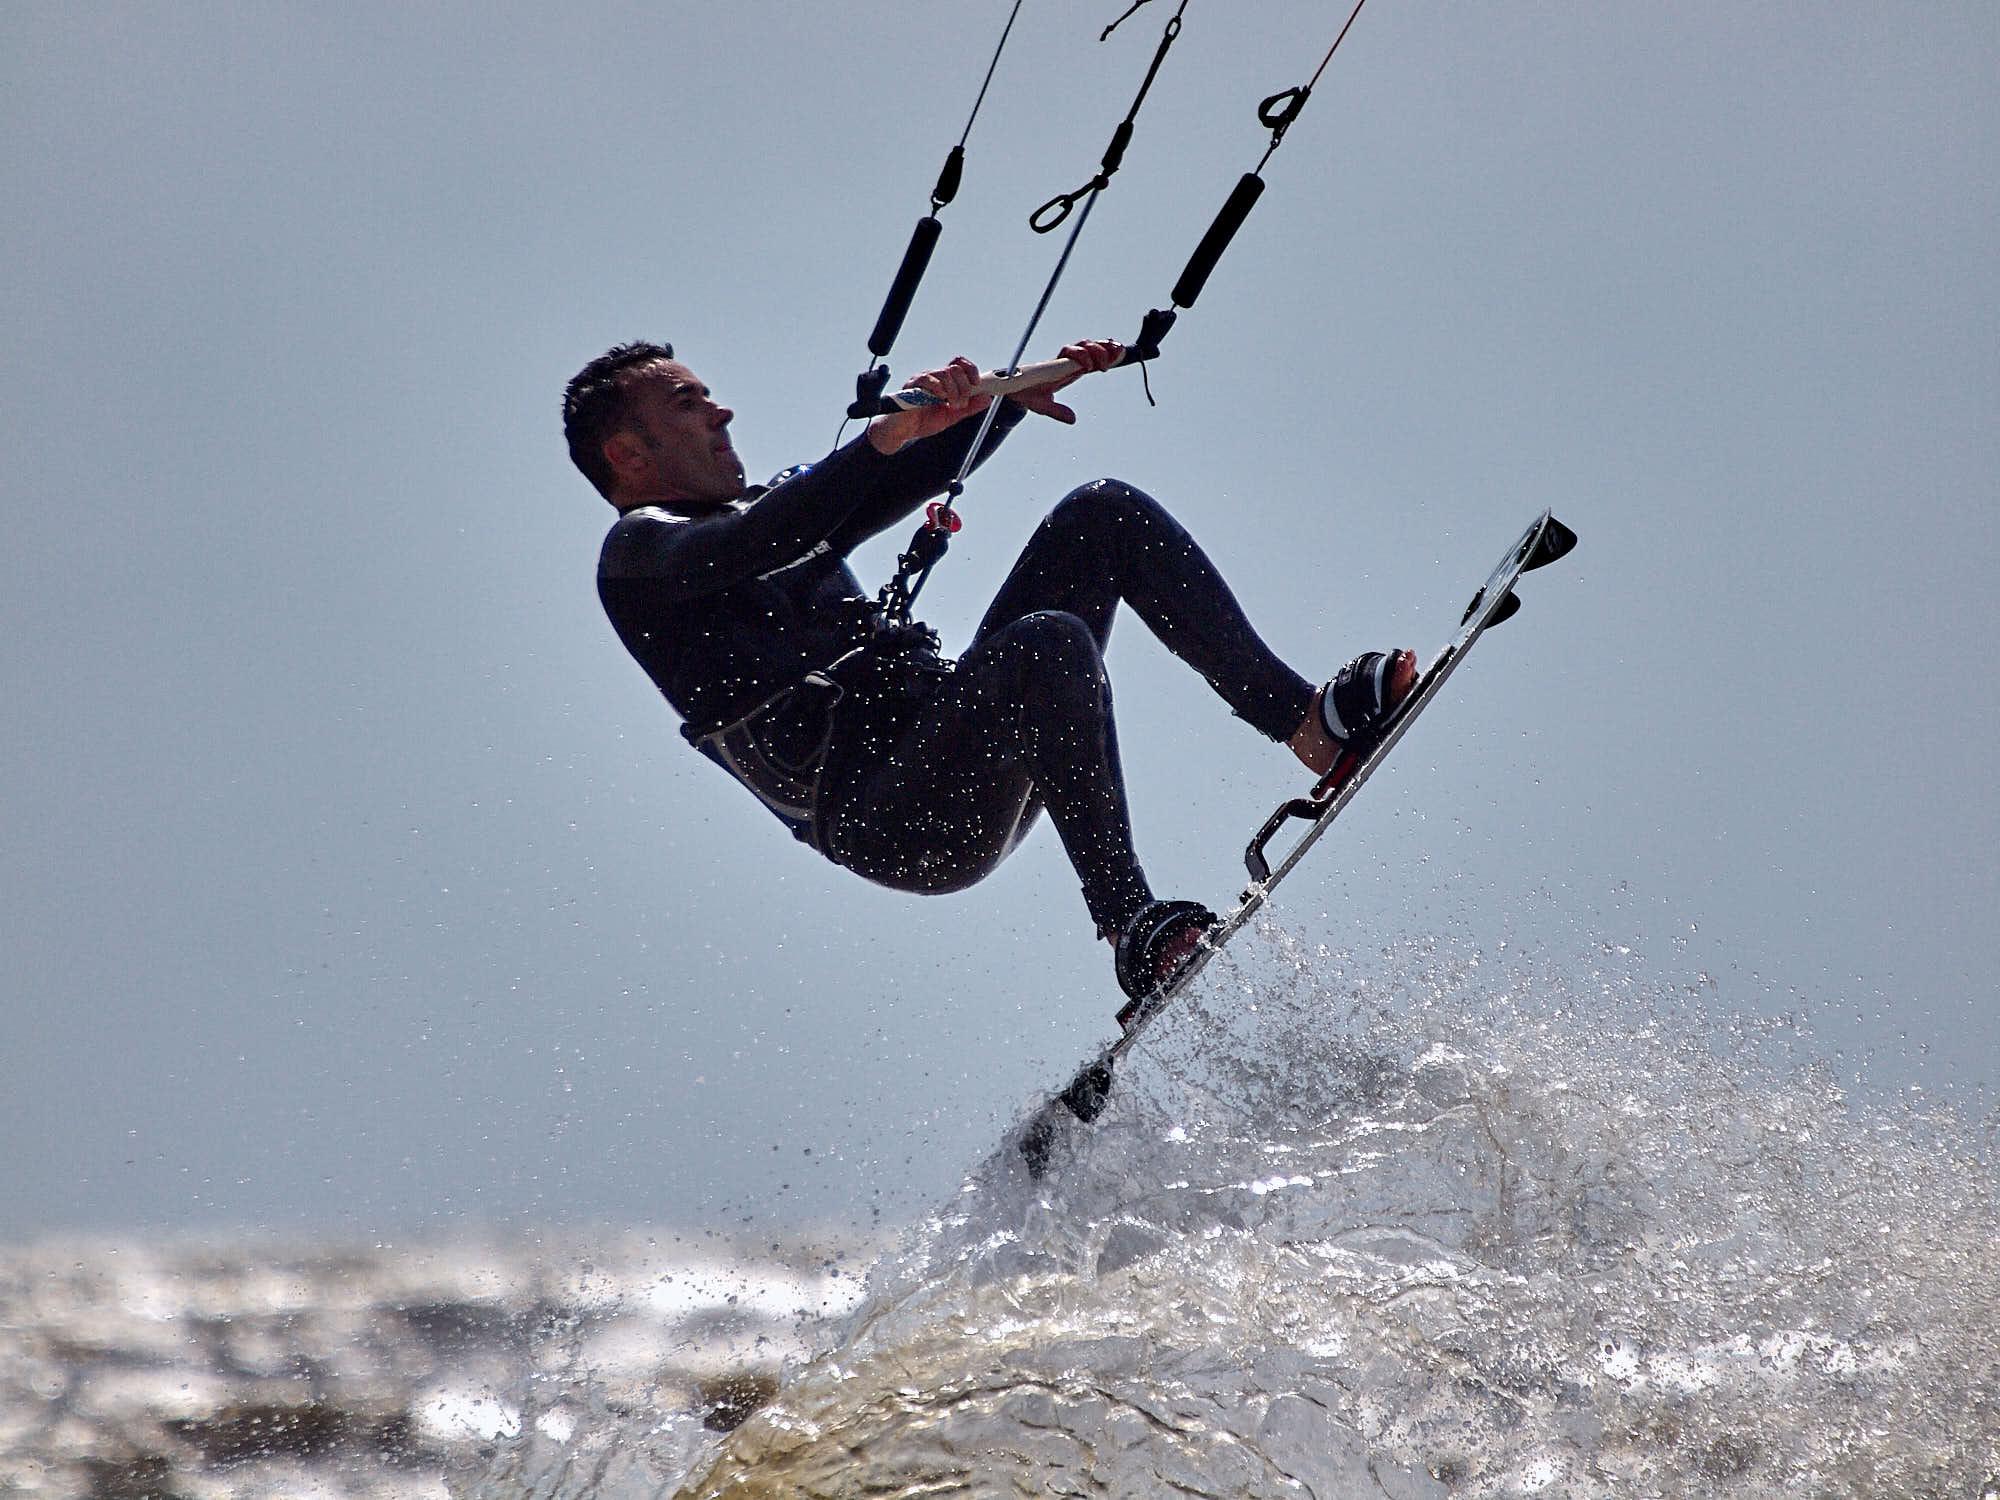 Yann Josse, Maitres du vent, Sport, Kitesurf